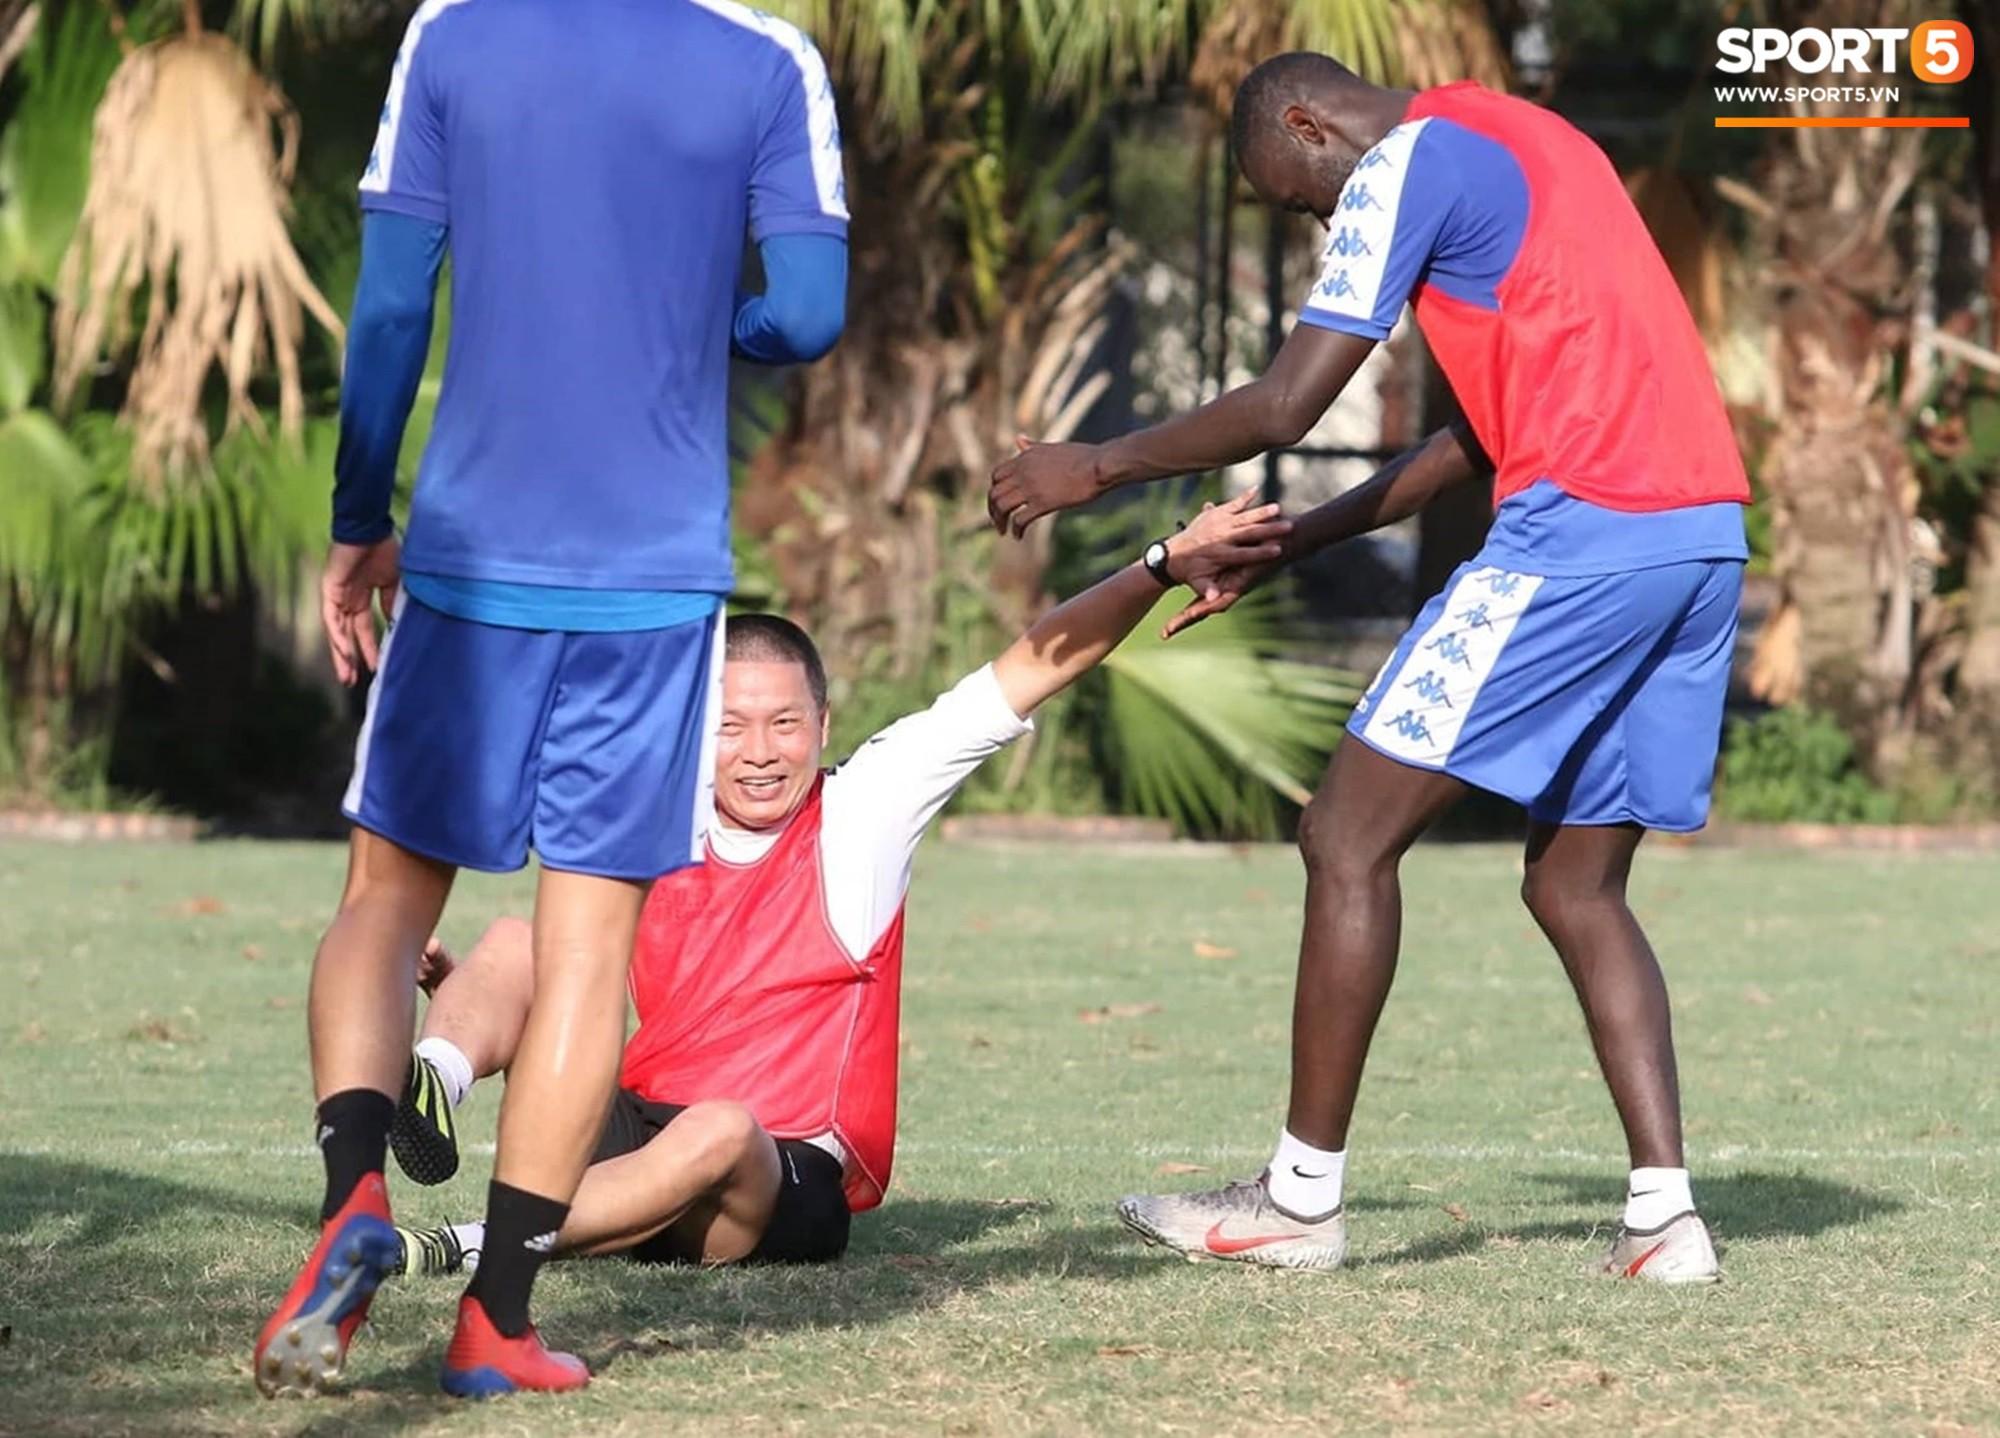 Cởi bỏ vẻ nghiêm nghị thường thấy, HLV của Hà Nội FC xỏ giày vào sân chơi lầy cùng Quang Hải, Duy Mạnh - Ảnh 3.